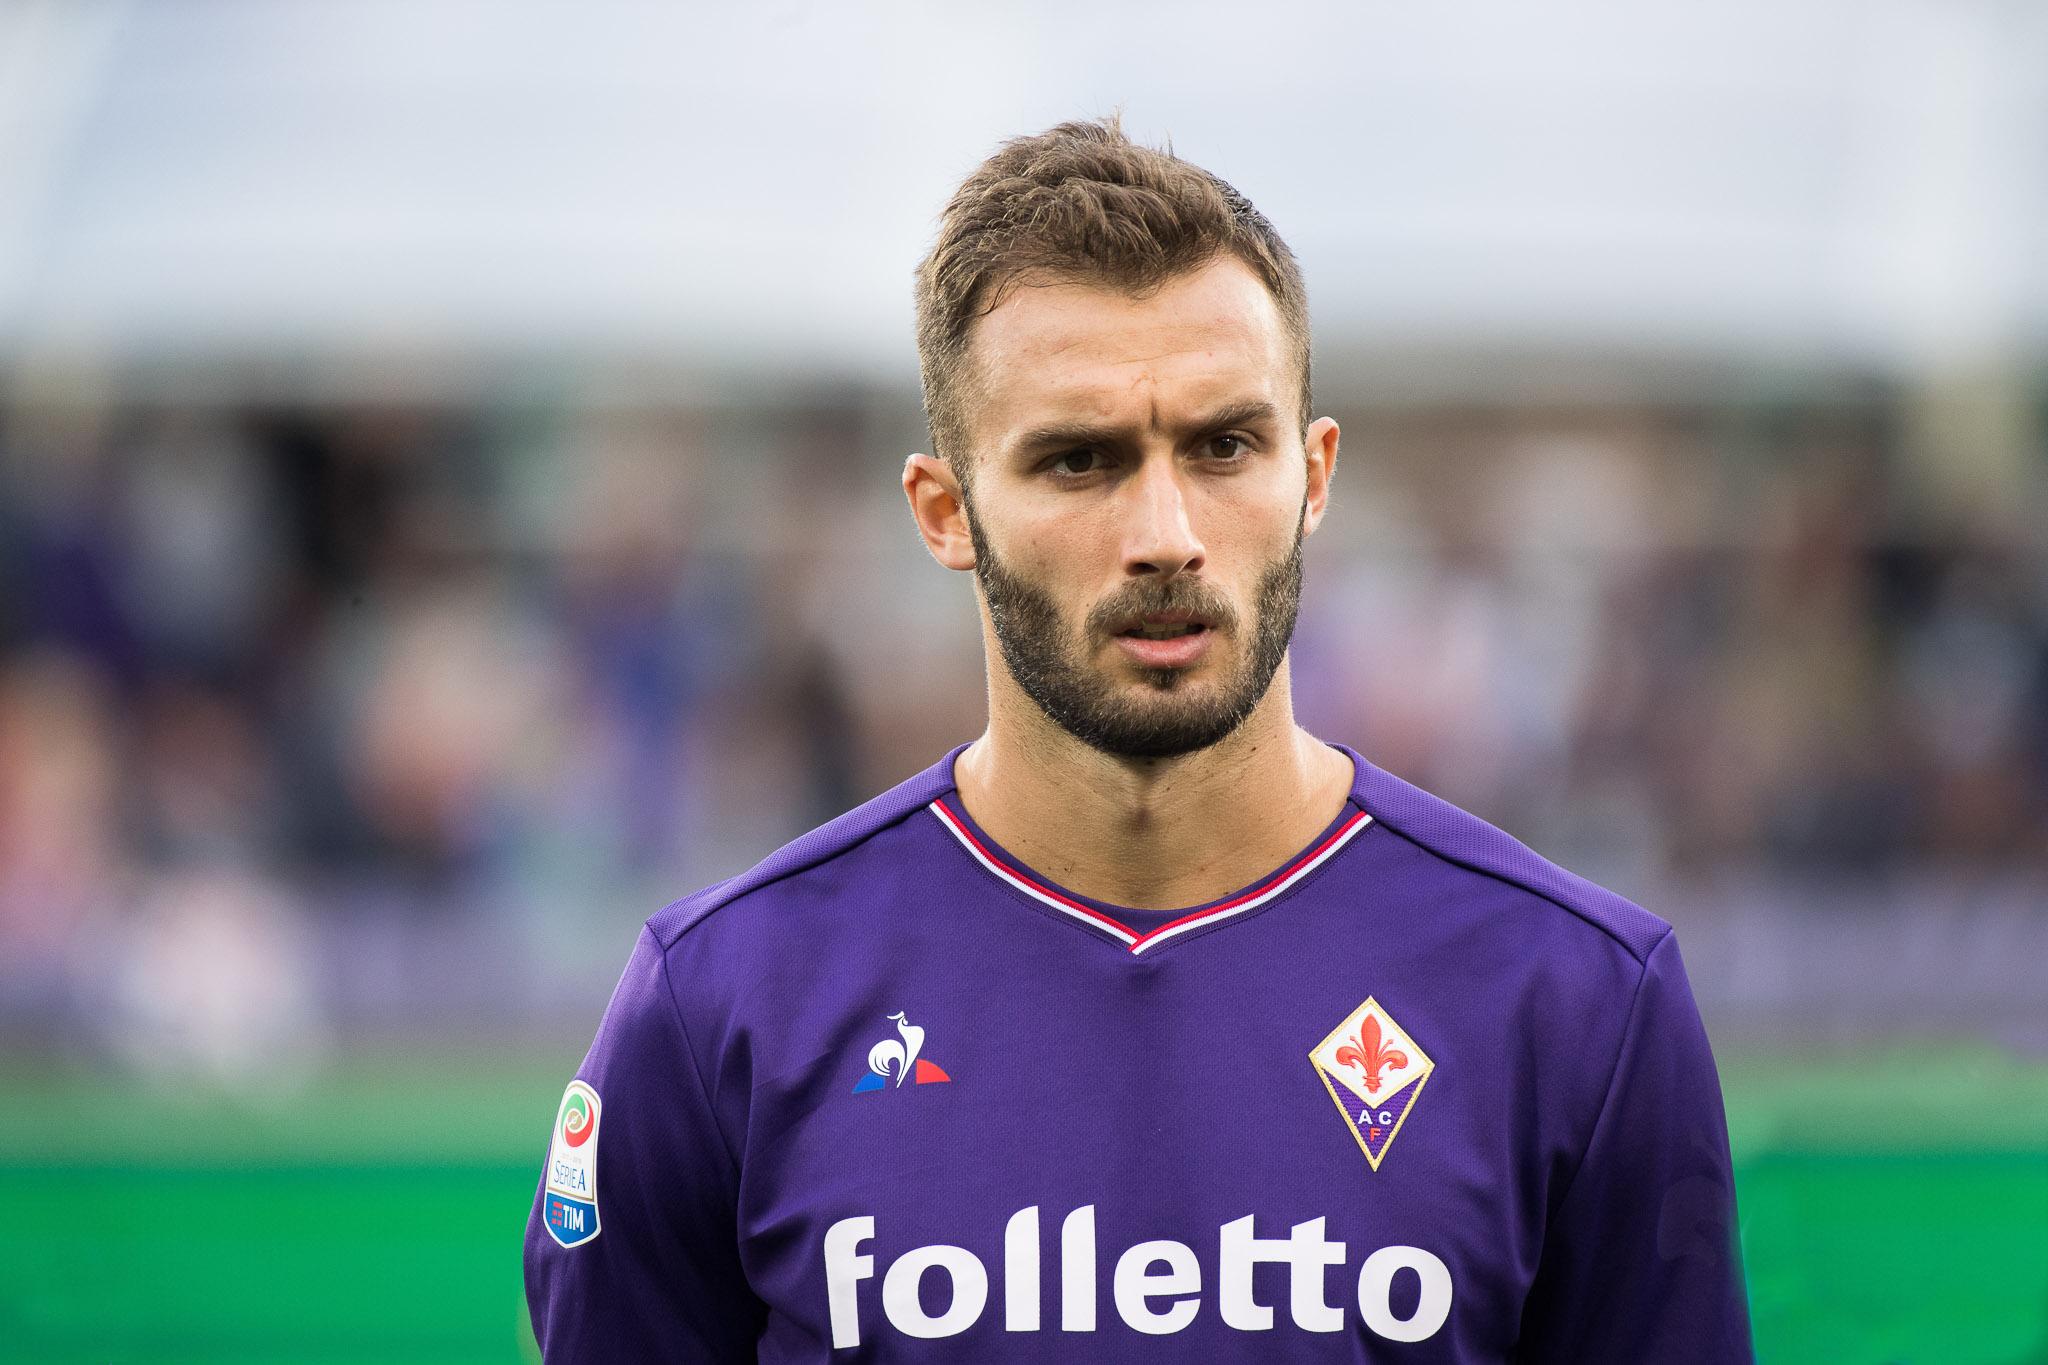 """Vice presidente Betis: """"Il riscatto di Pezzella? Non abbiamo ancora sentito la Fiorentina. Parleremo col giocatore…"""""""